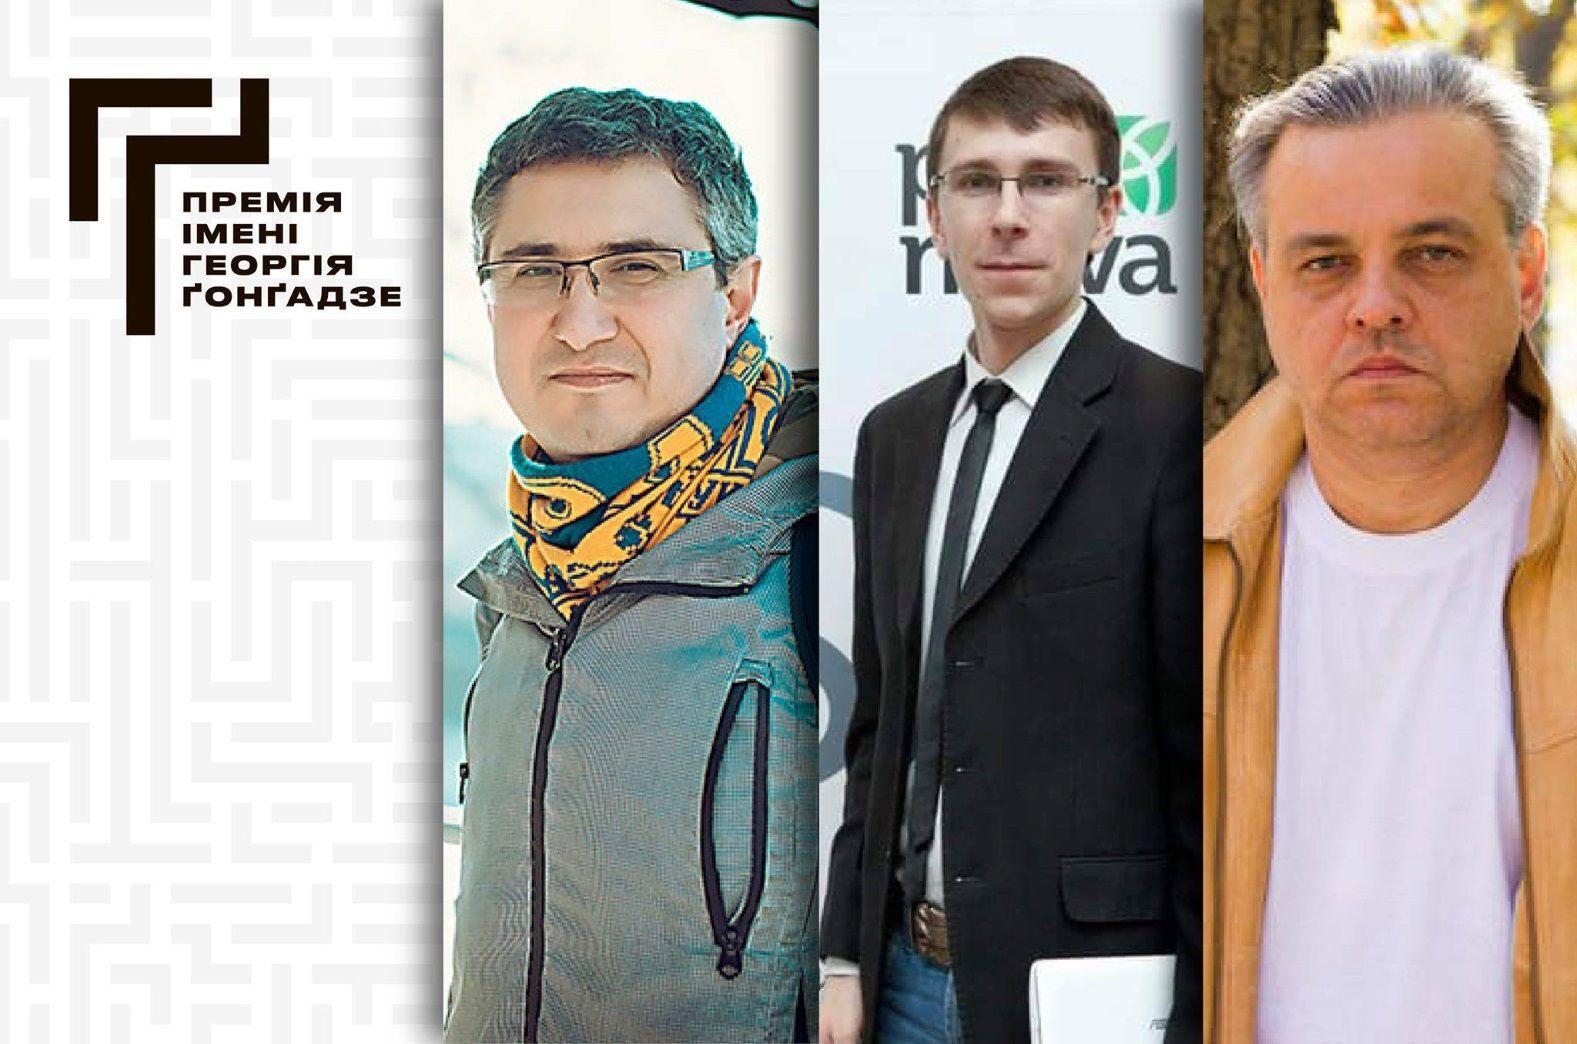 Премія імені Георгія Ґонґадзе_номінанти 2019